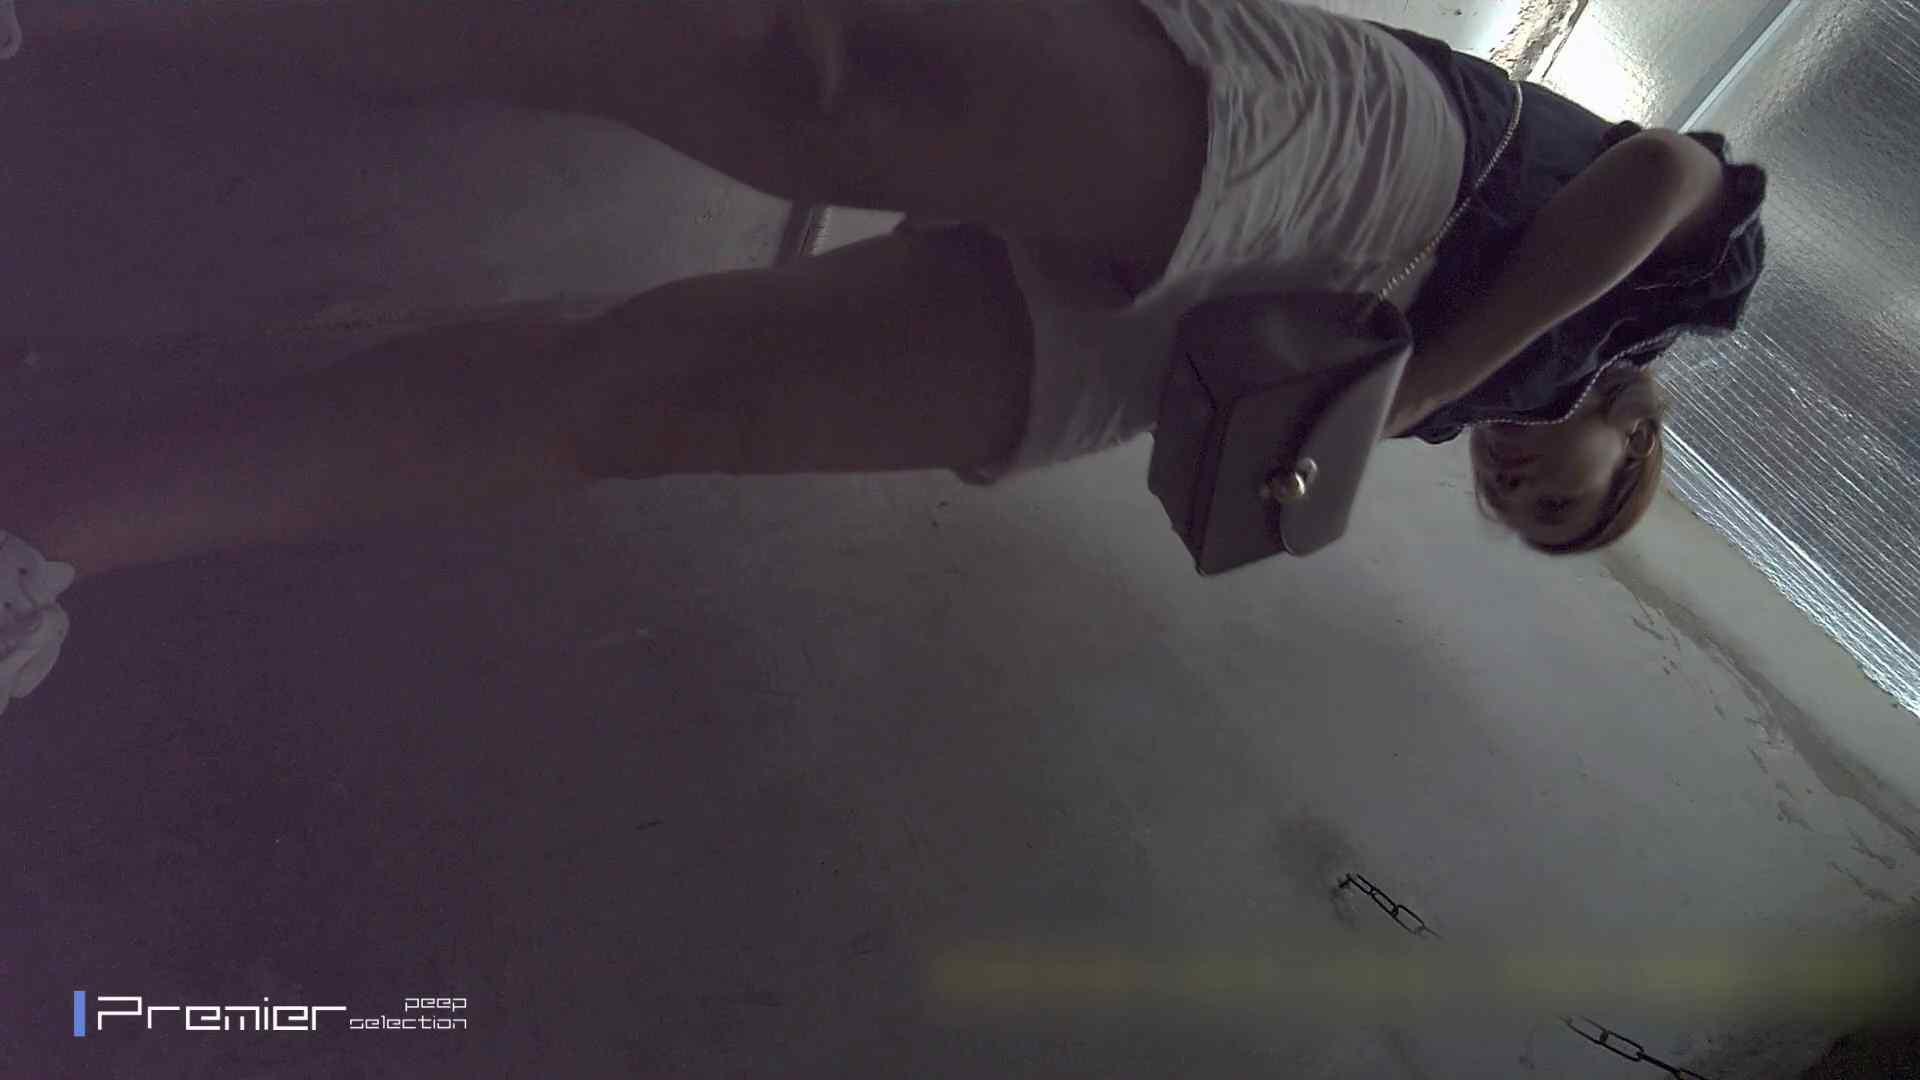 トイレシーンを密着盗撮!! 美女の痴態に密着!Vol.20 盗撮 盗撮動画紹介 48PIX 11